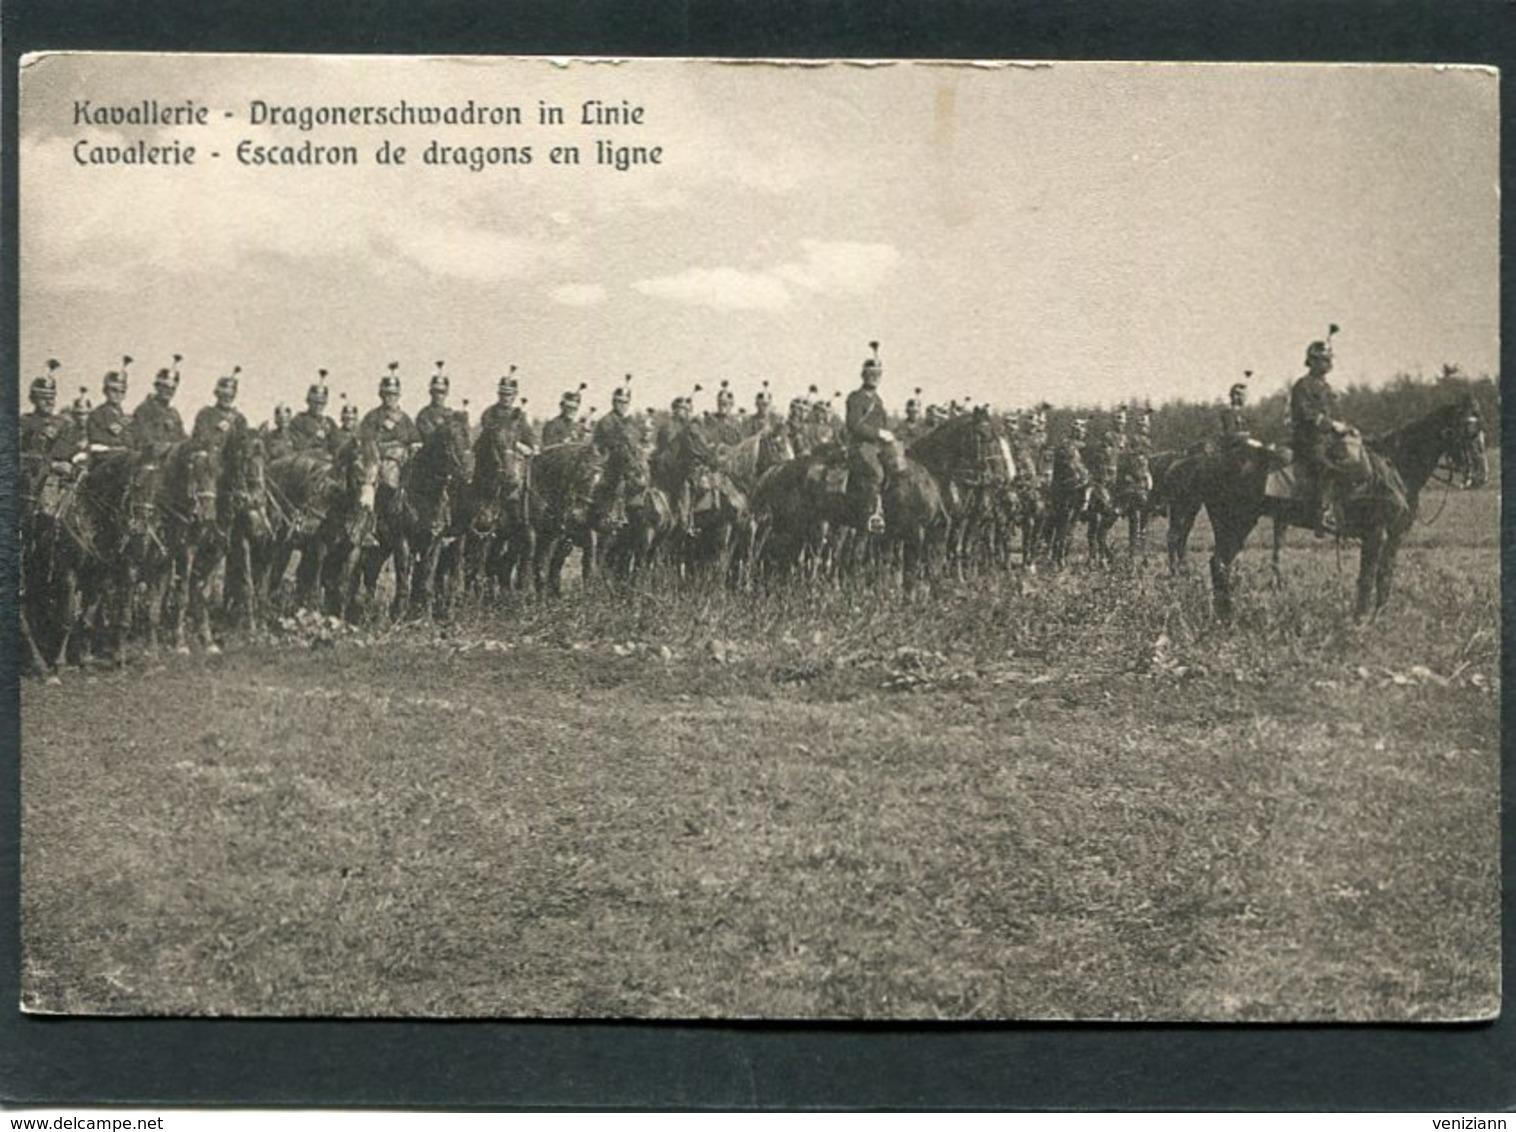 CPA - Kavallerie - Dragonerschwadron In Linie - Regiments